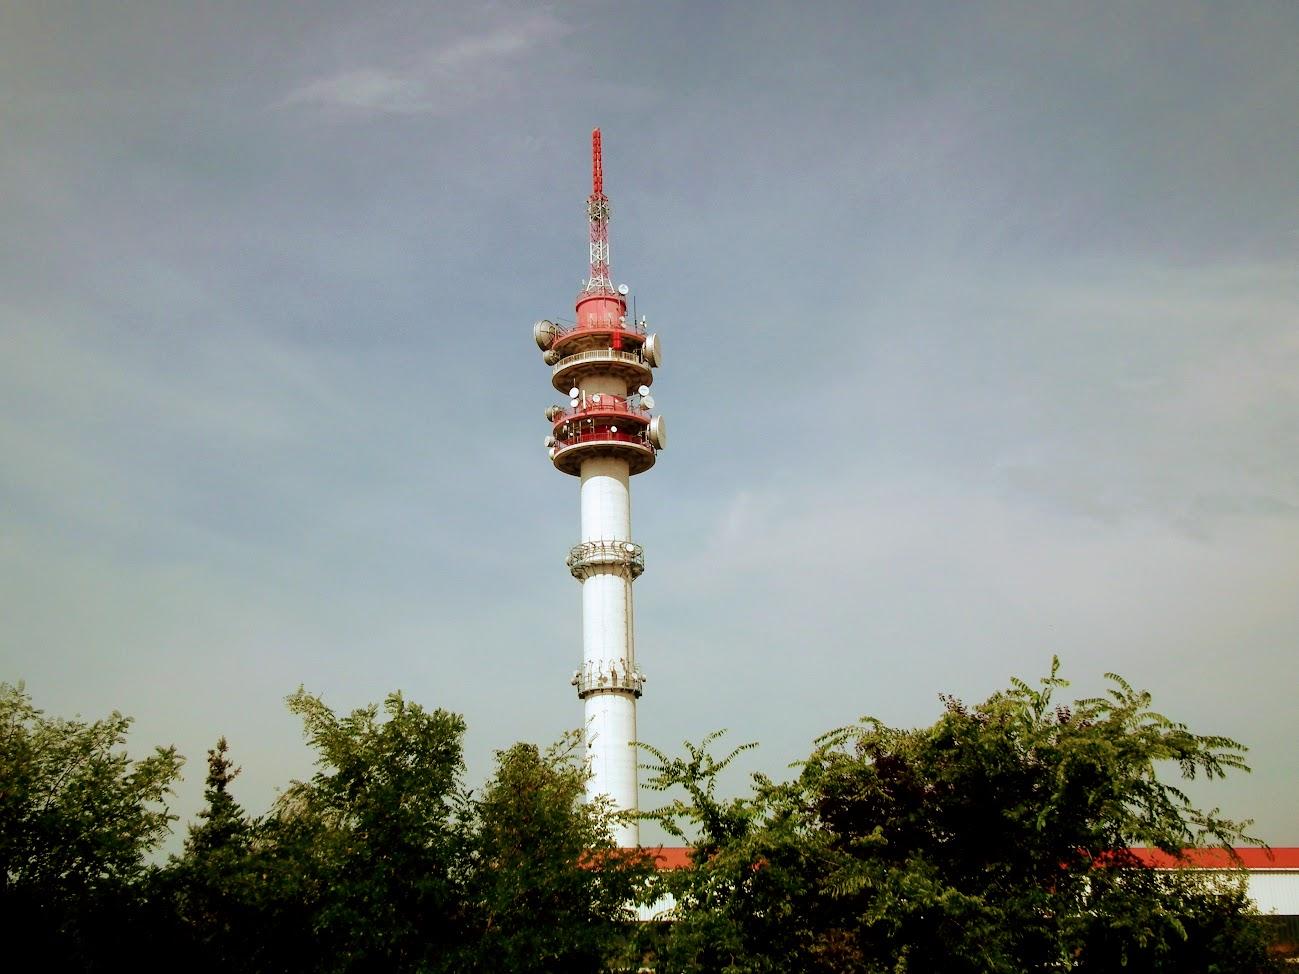 Békéscsaba/Almáskert, Ferlsőnyomás -  TV-URH körzeti adóállomás